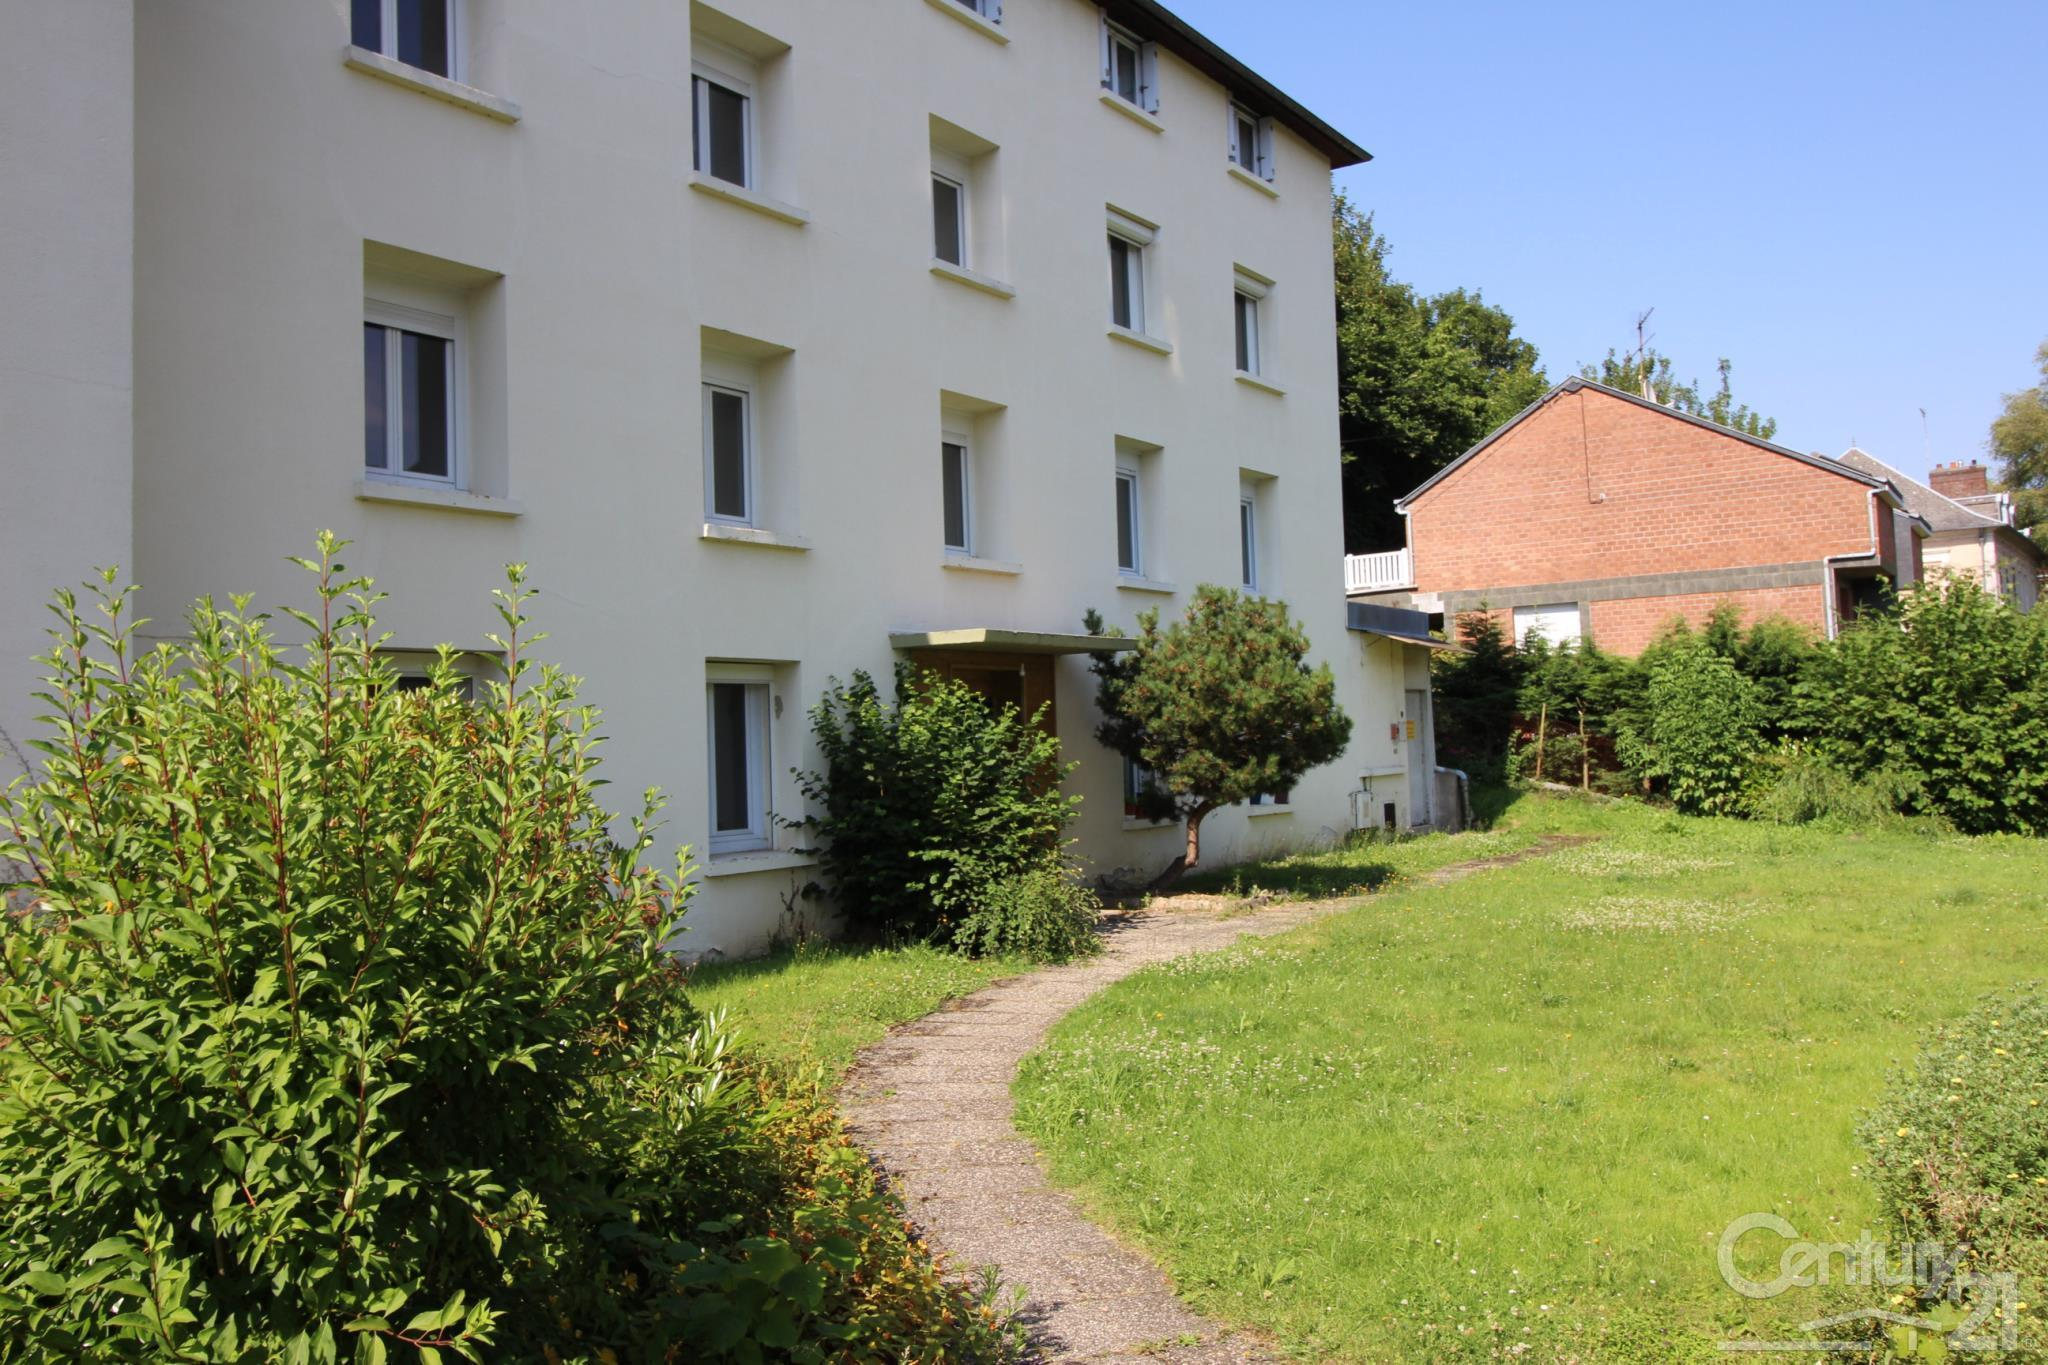 Appartement à louer - 2 pièces - 40 m2 - BOLBEC - 76 - HAUTE-NORMANDIE